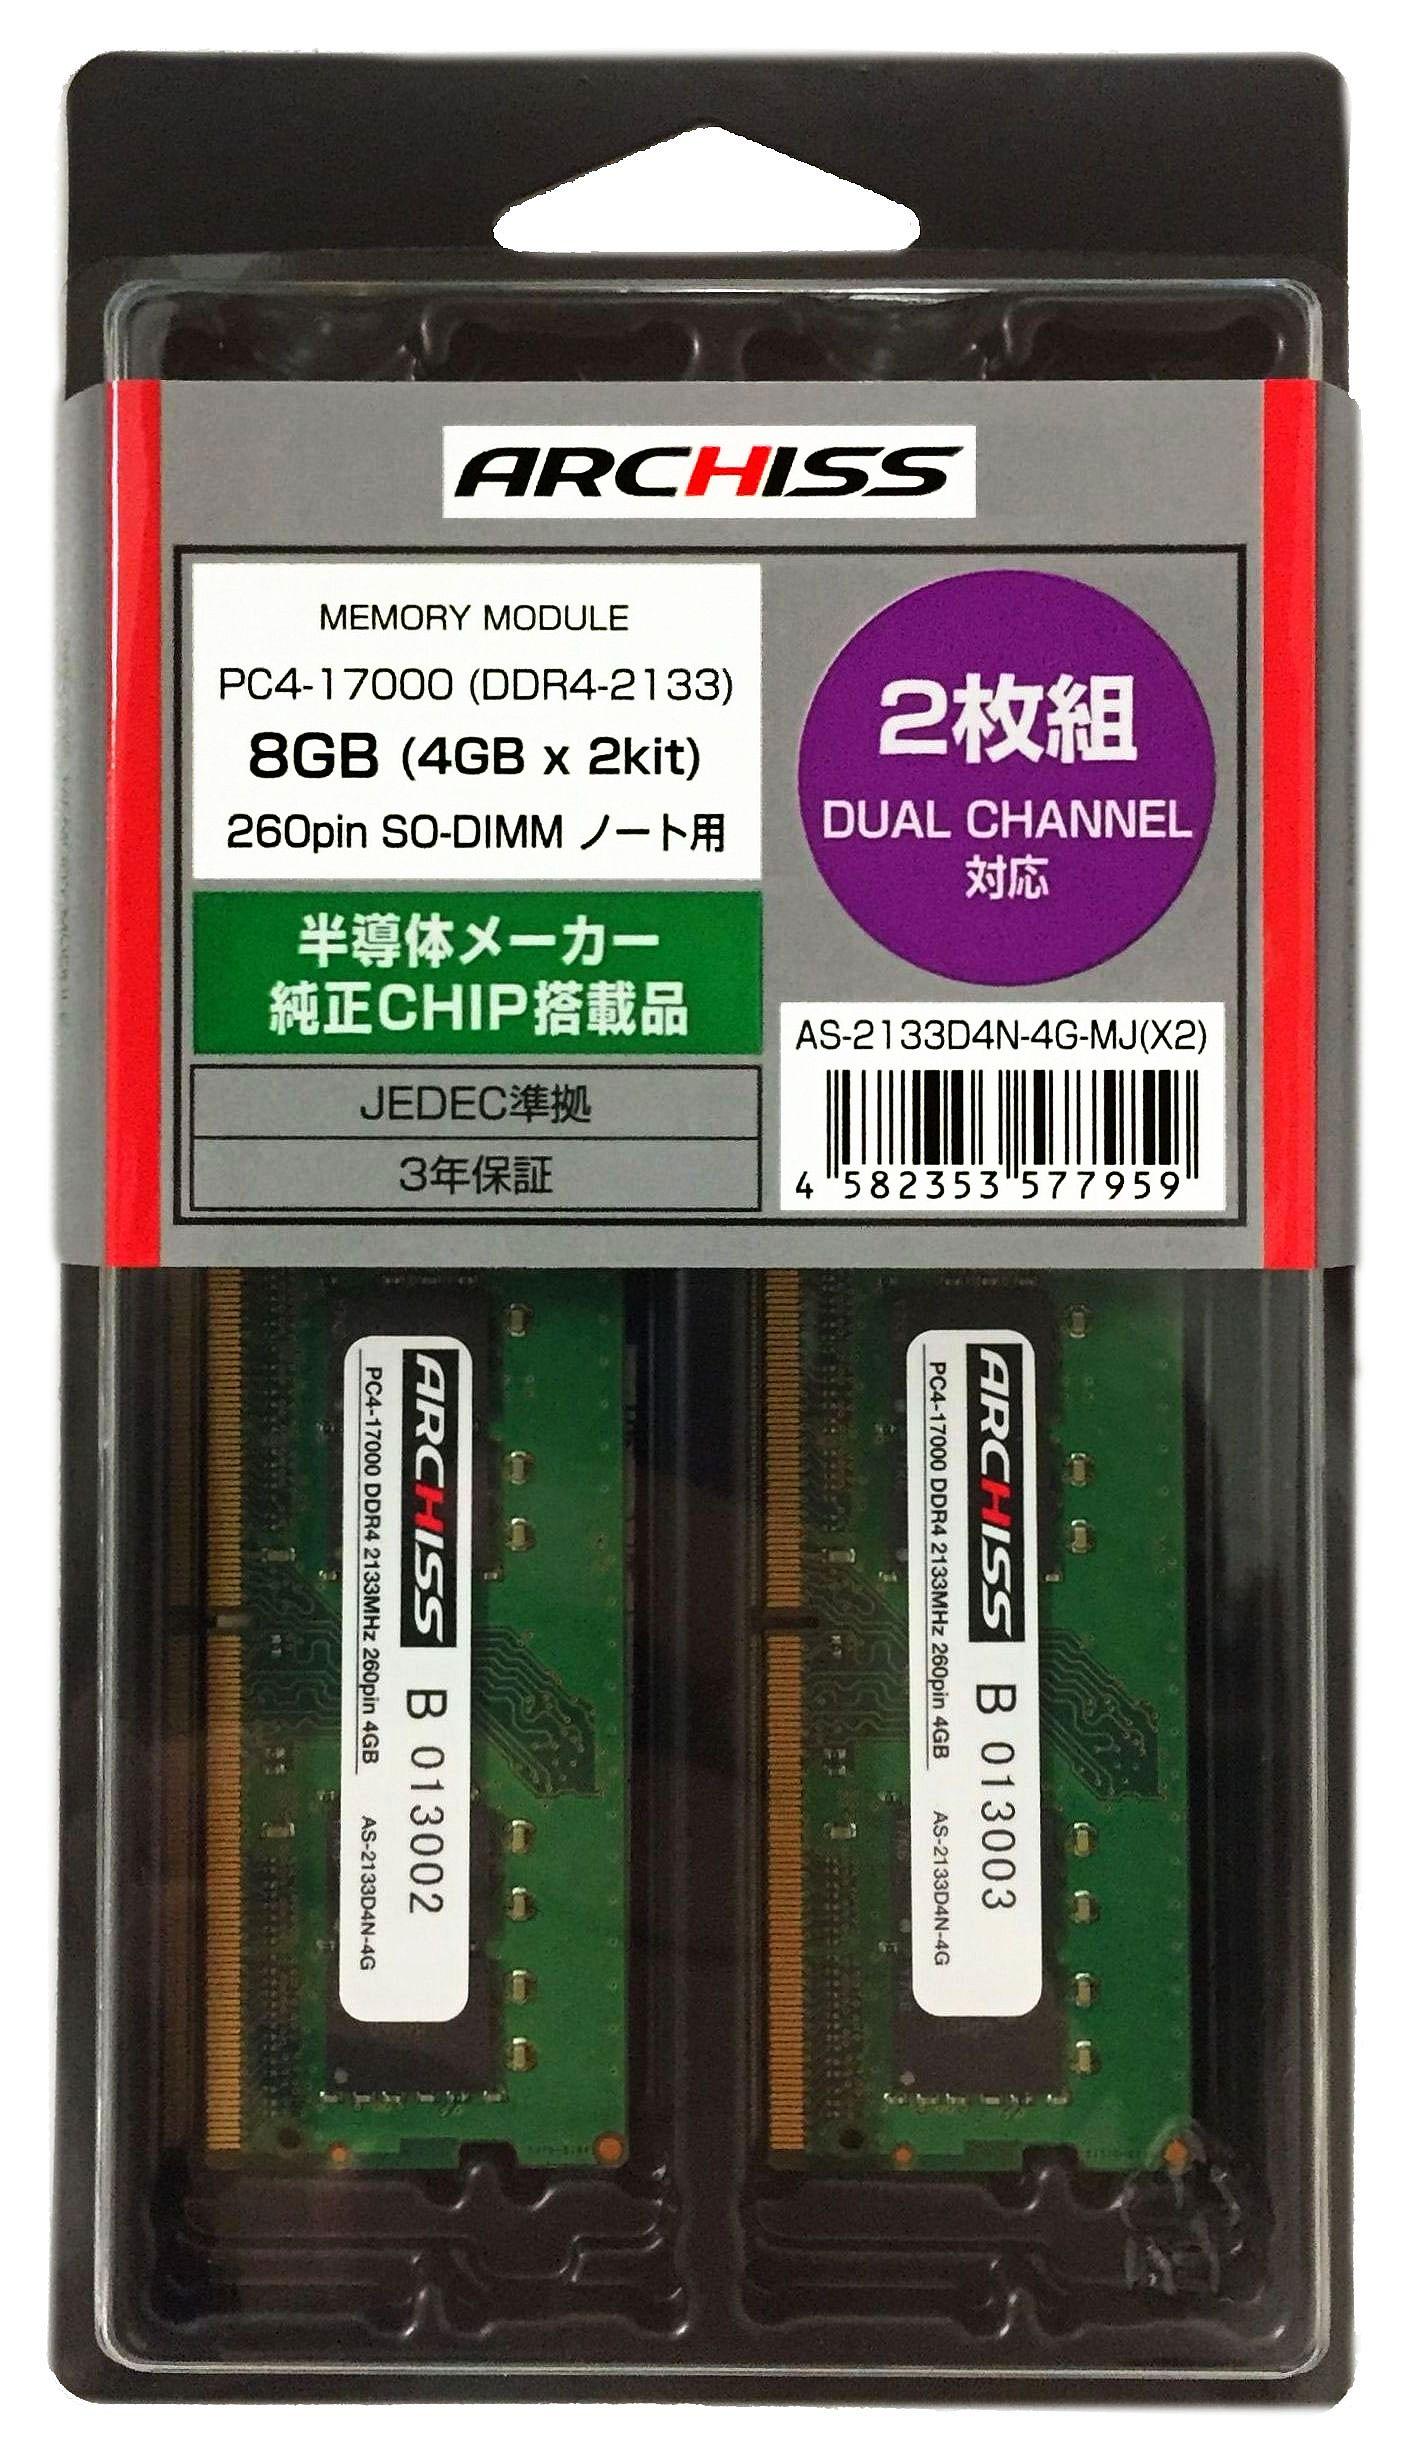 AS-2133D4N-4G-MJ(X2)